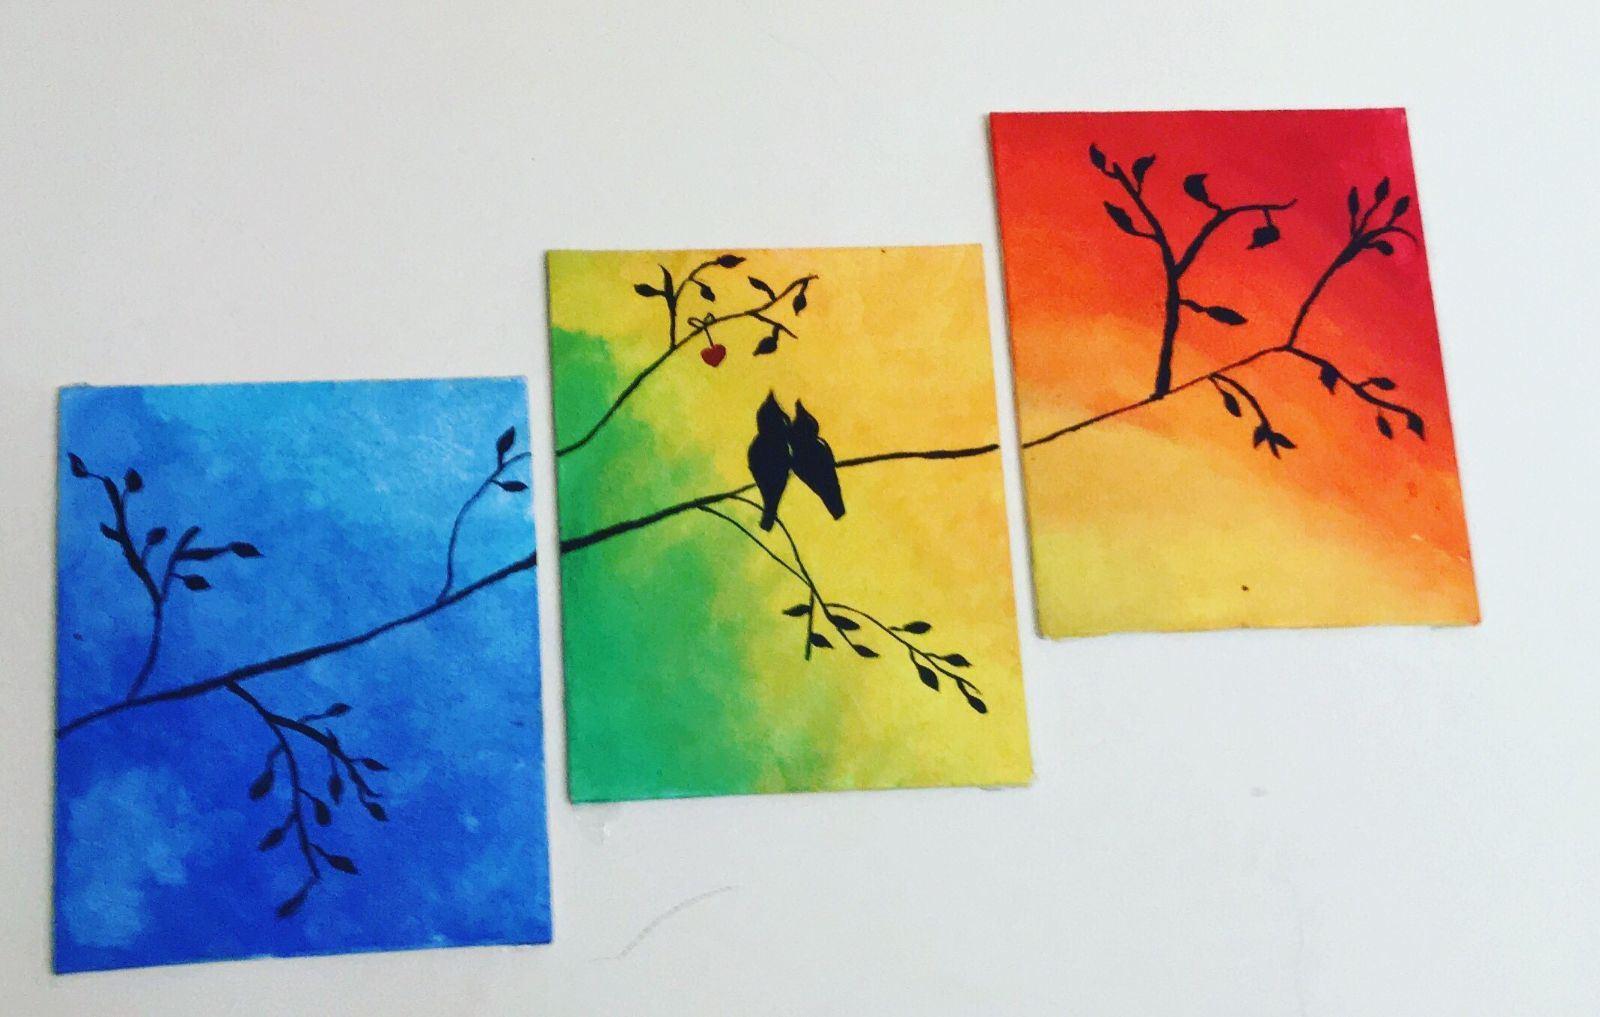 Painting by Zahanvi Prajapati